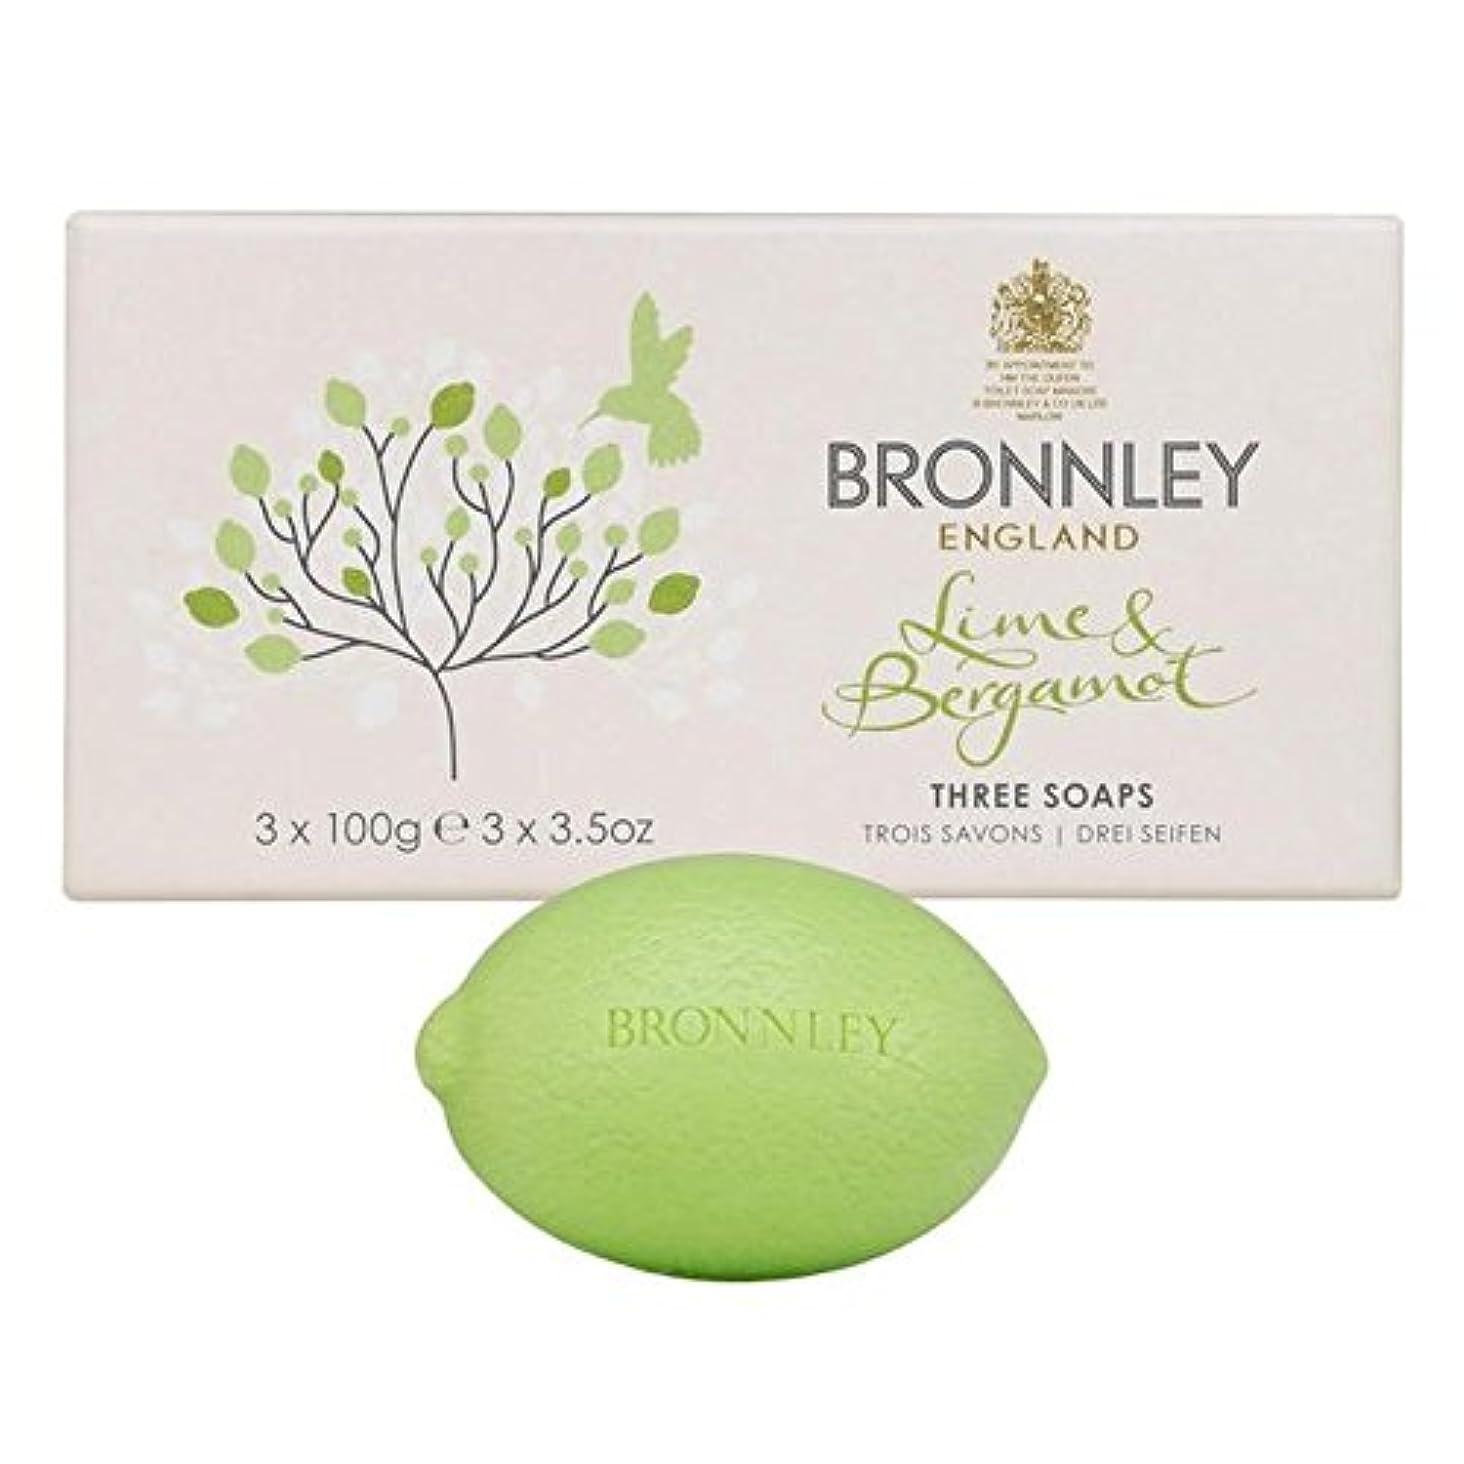 偏差ベンチャーサイレントライム&ベルガモット石鹸3×100グラム x2 - Bronnley Lime & Bergamot Soap 3 x 100g (Pack of 2) [並行輸入品]